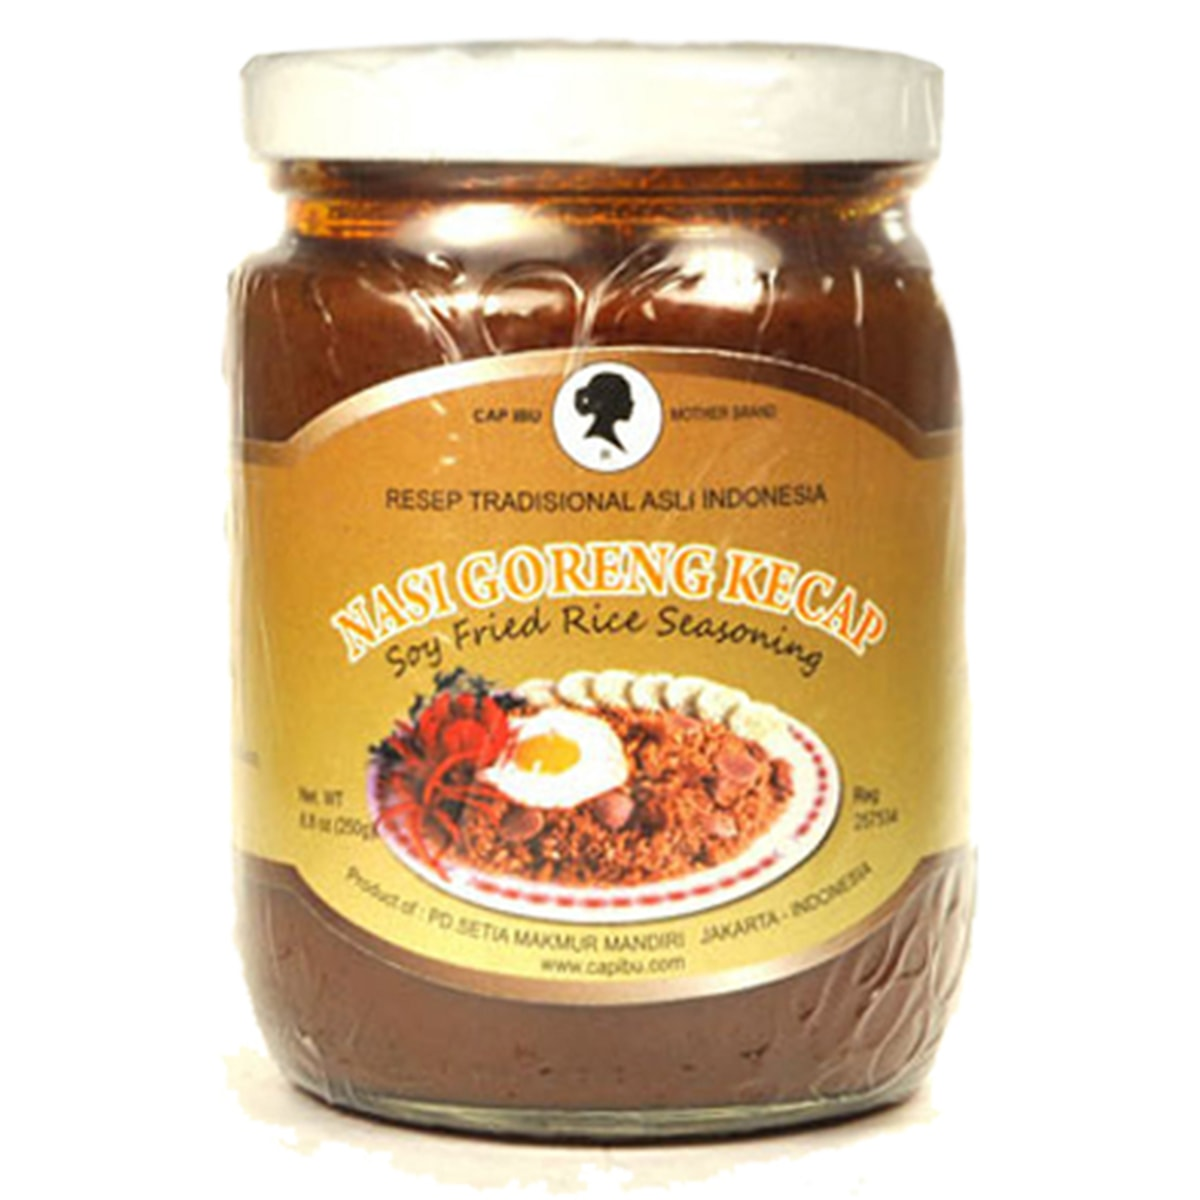 Buy CAP IBU Motherbrand Nasi Goreng Kecap (Soy Fried Rice Seasoning) - 250 gm